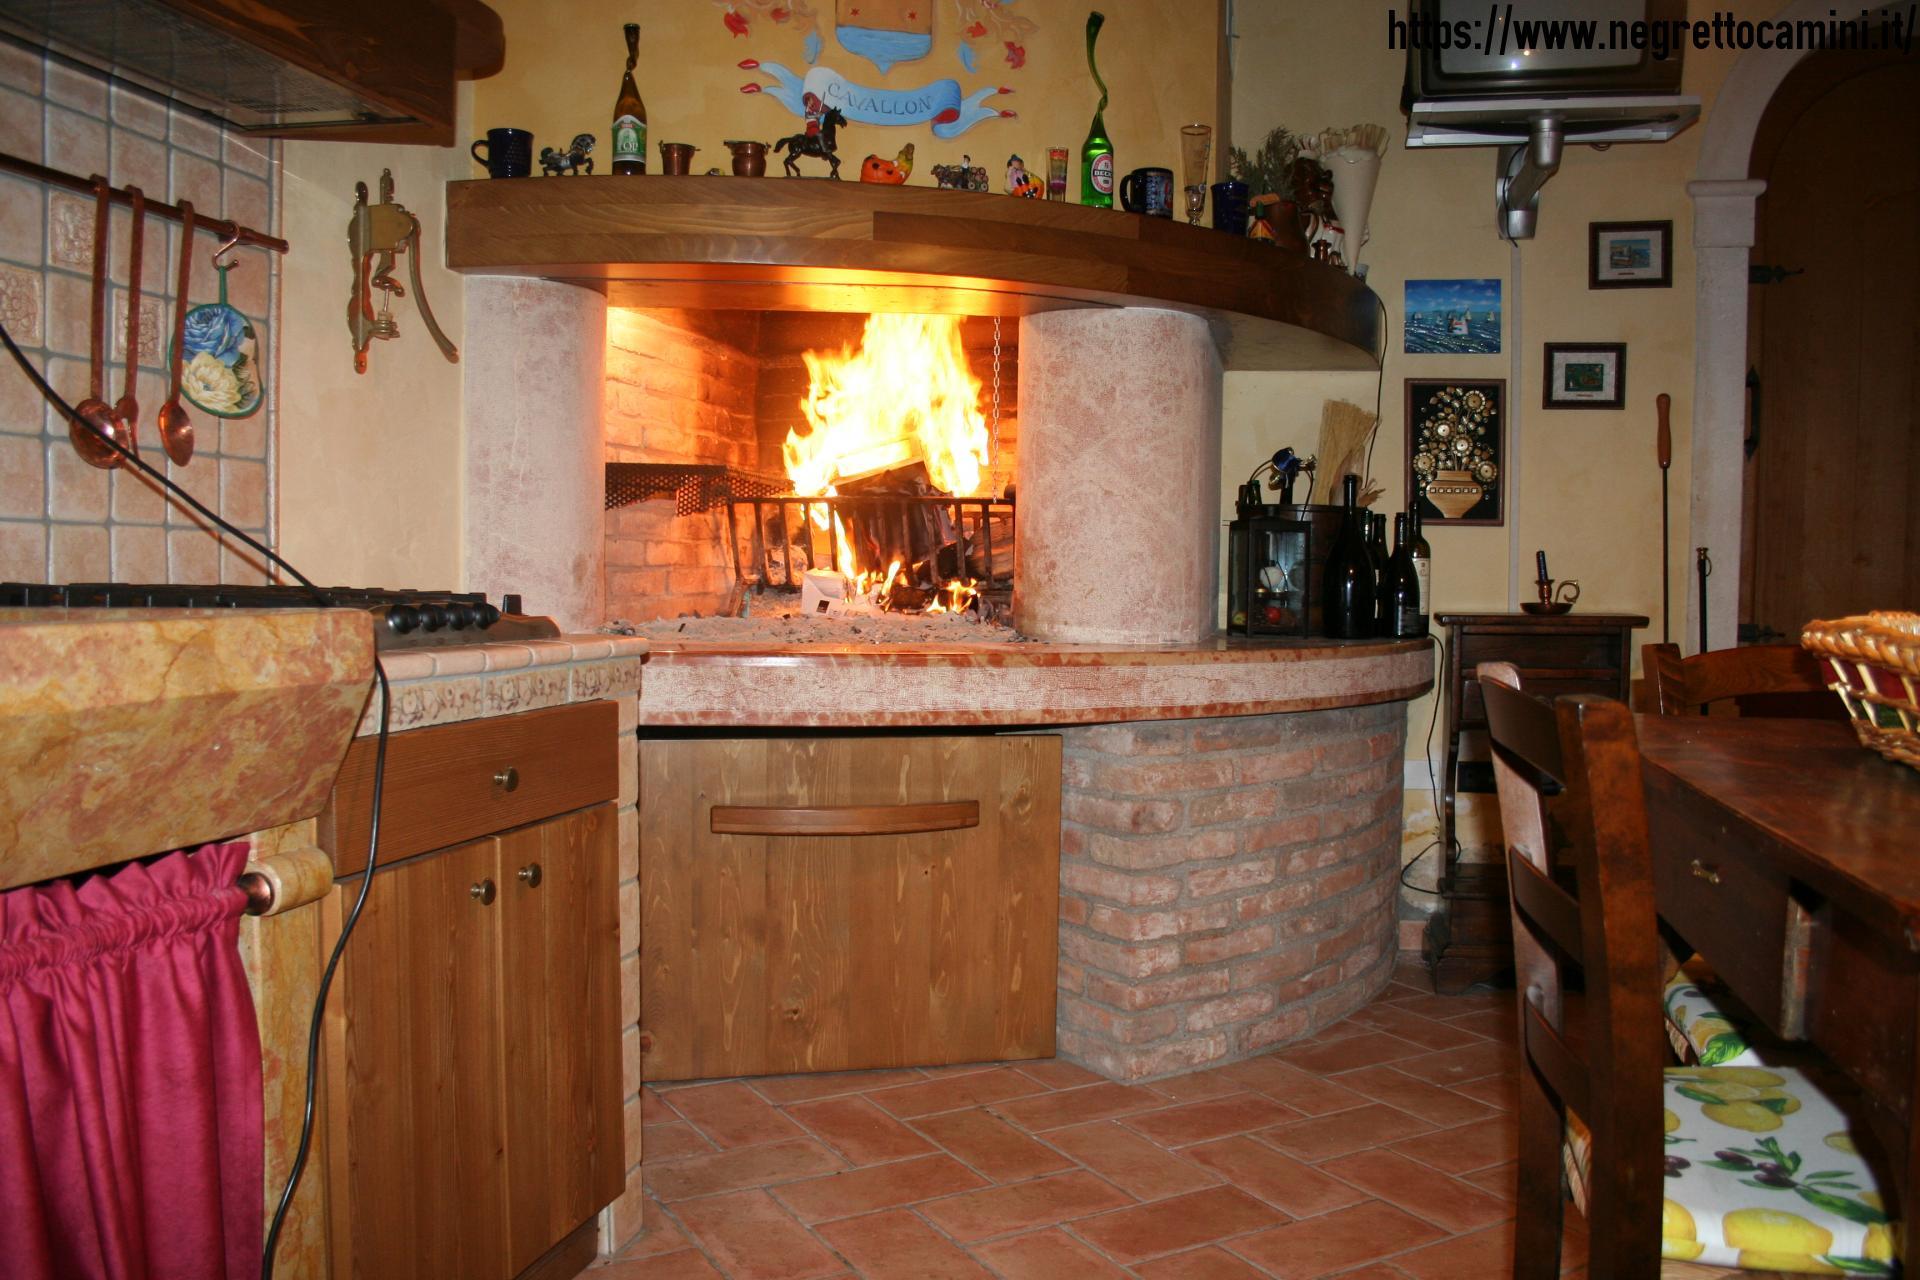 Camino da taverna negretto camini d 39 autore - Camini da cucina ...